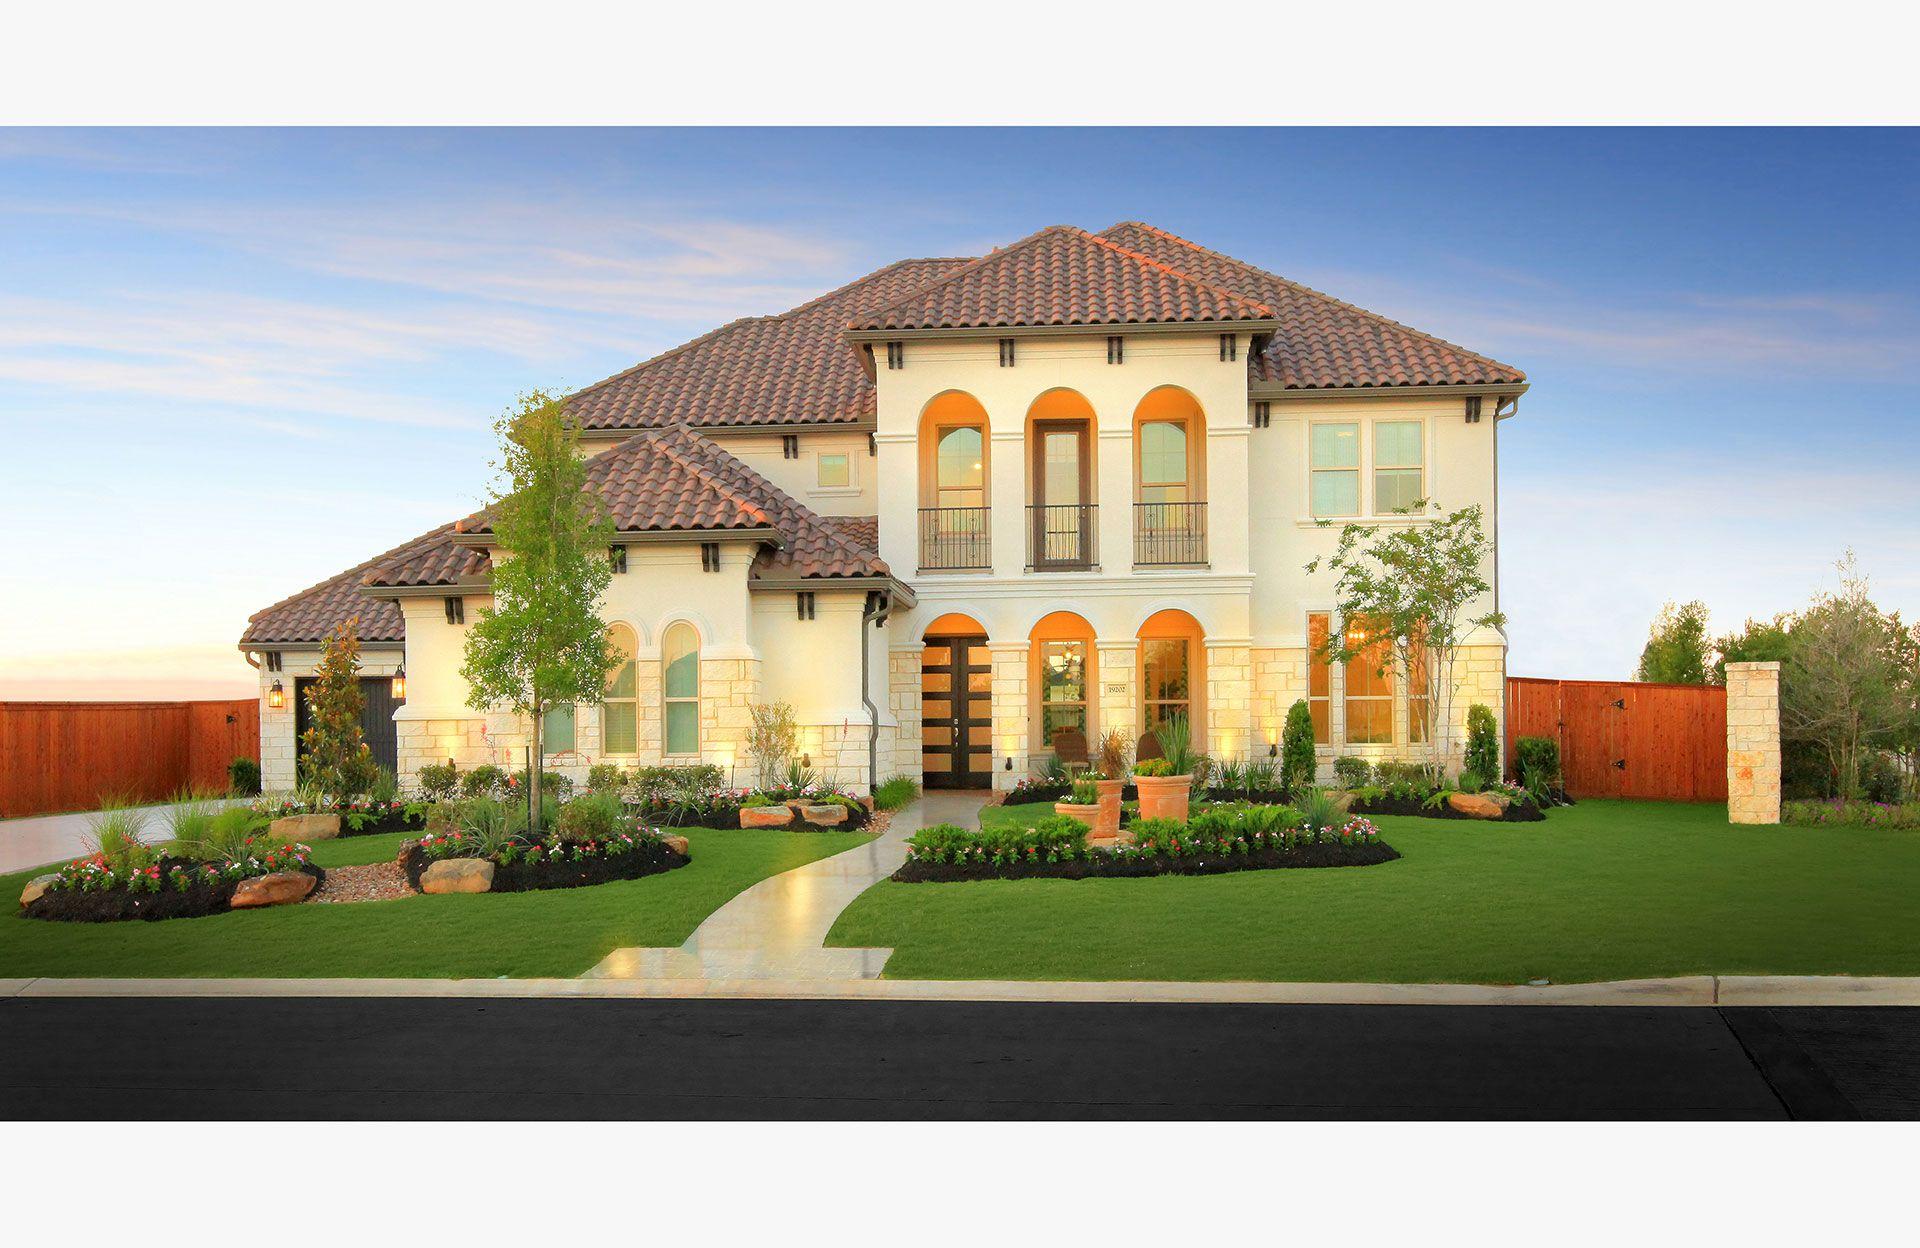 drees custom homes houston tx communities homes for sale drees custom homes houston tx communities homes for sale newhomesource